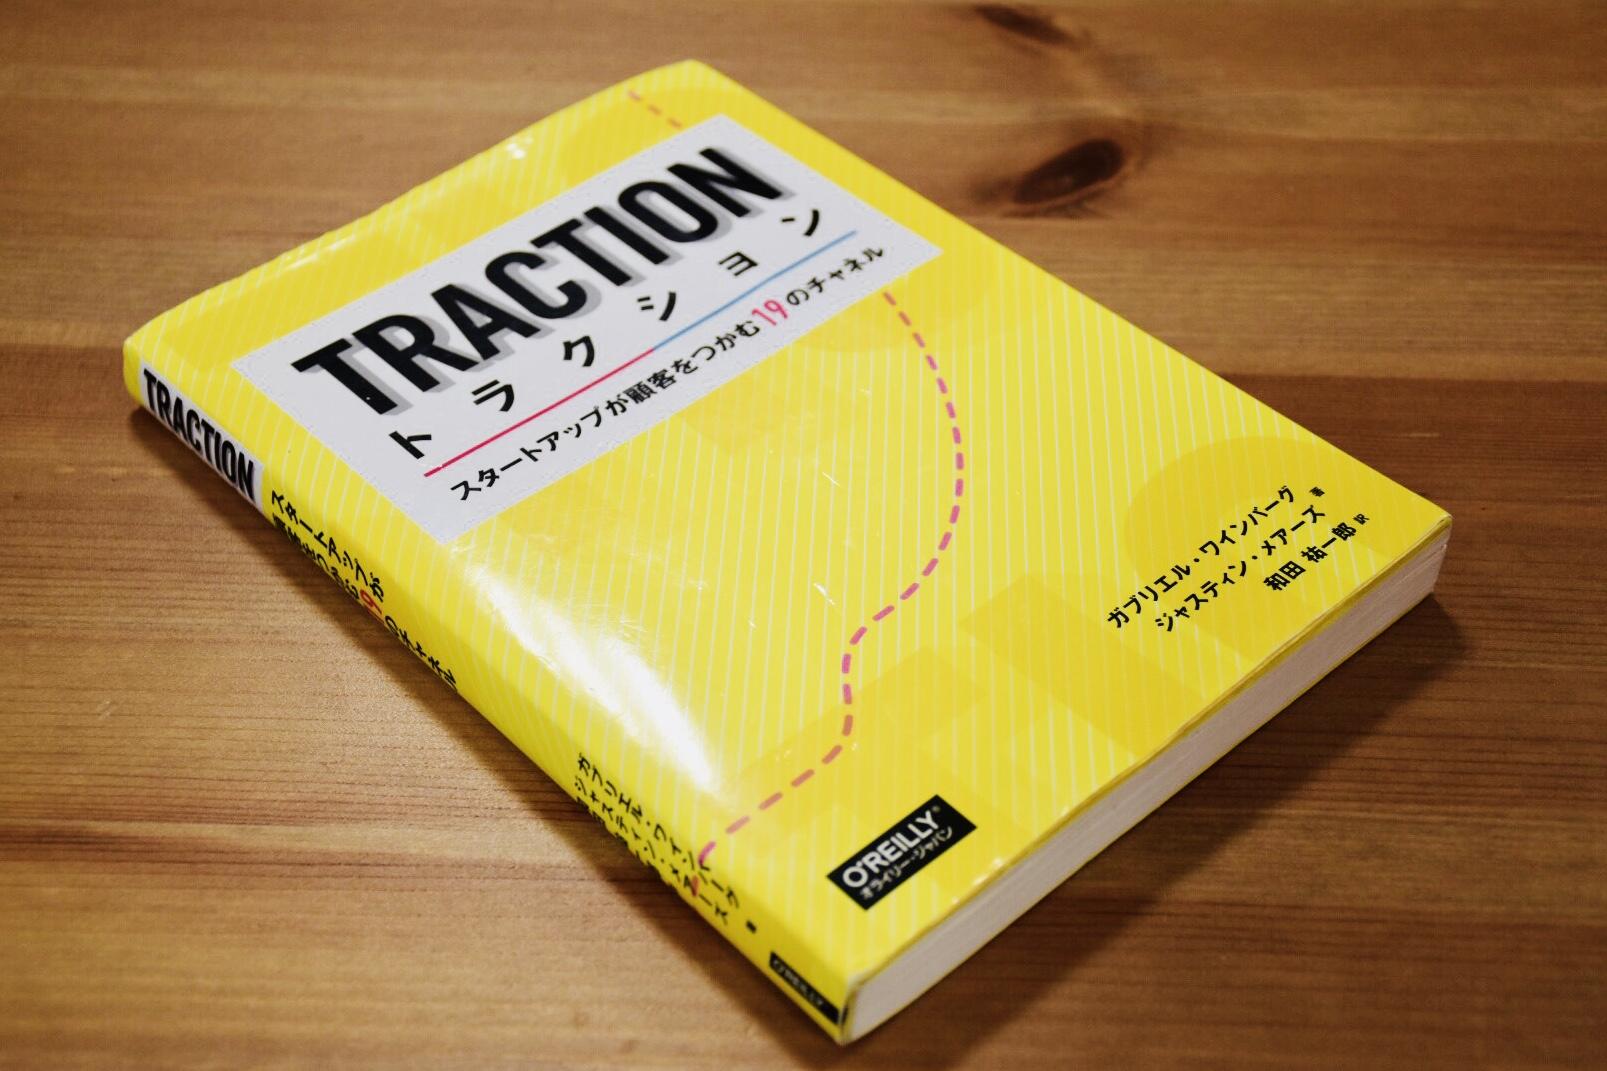 アイキャッチ画像:課題図書紹介『トラクション ―スタートアップが顧客をつかむ19のチャネル』